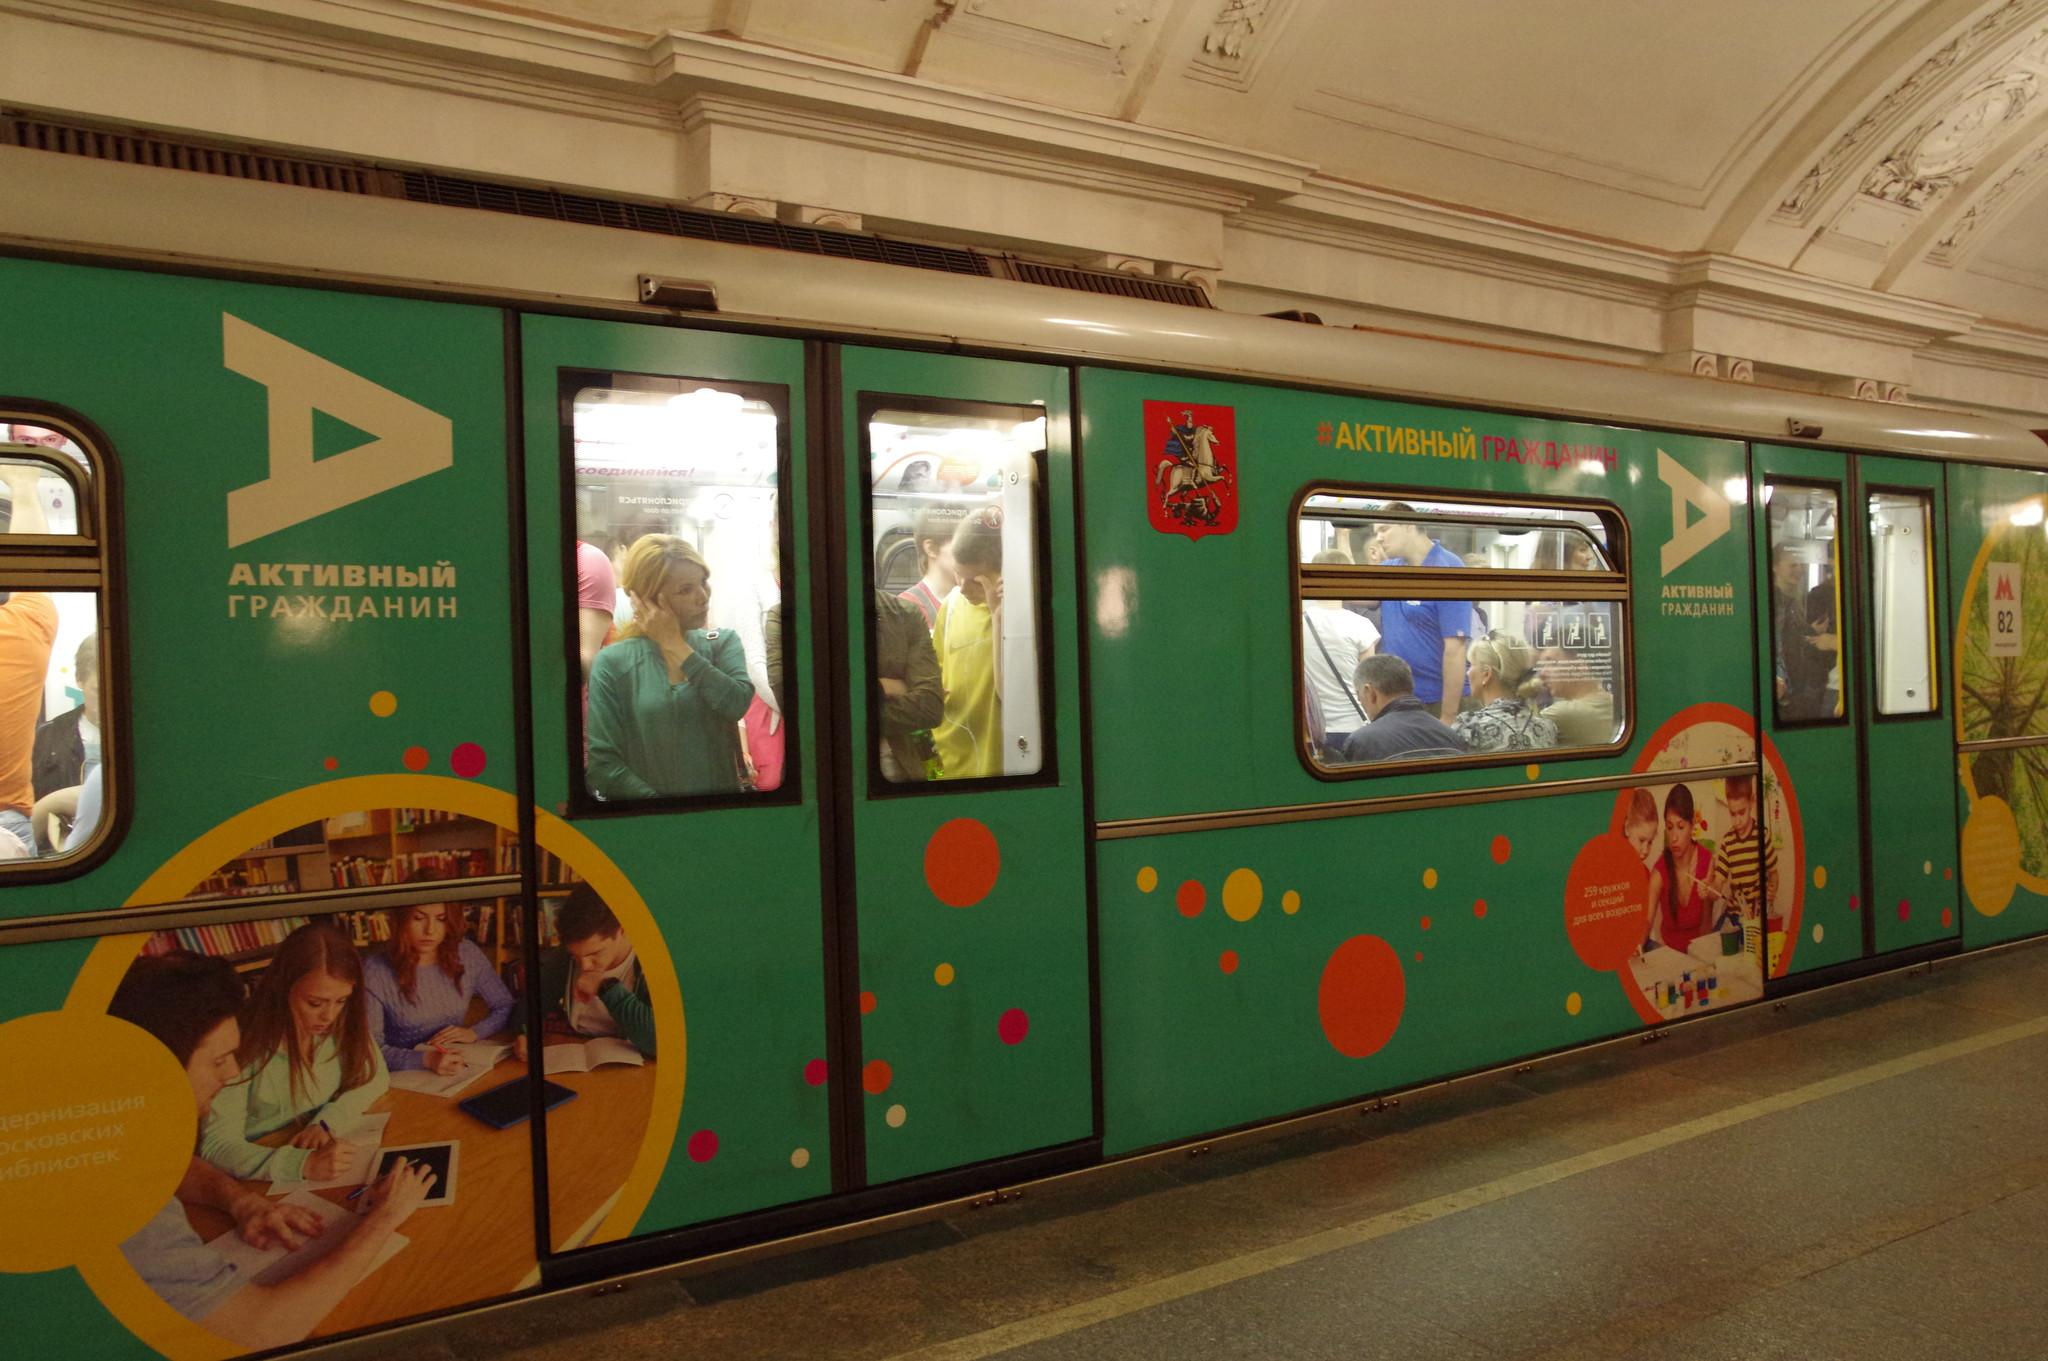 Поезд с портретами участников проекта «Активный гражданин» курсирует по Кольцевой линии Московского метрополитена